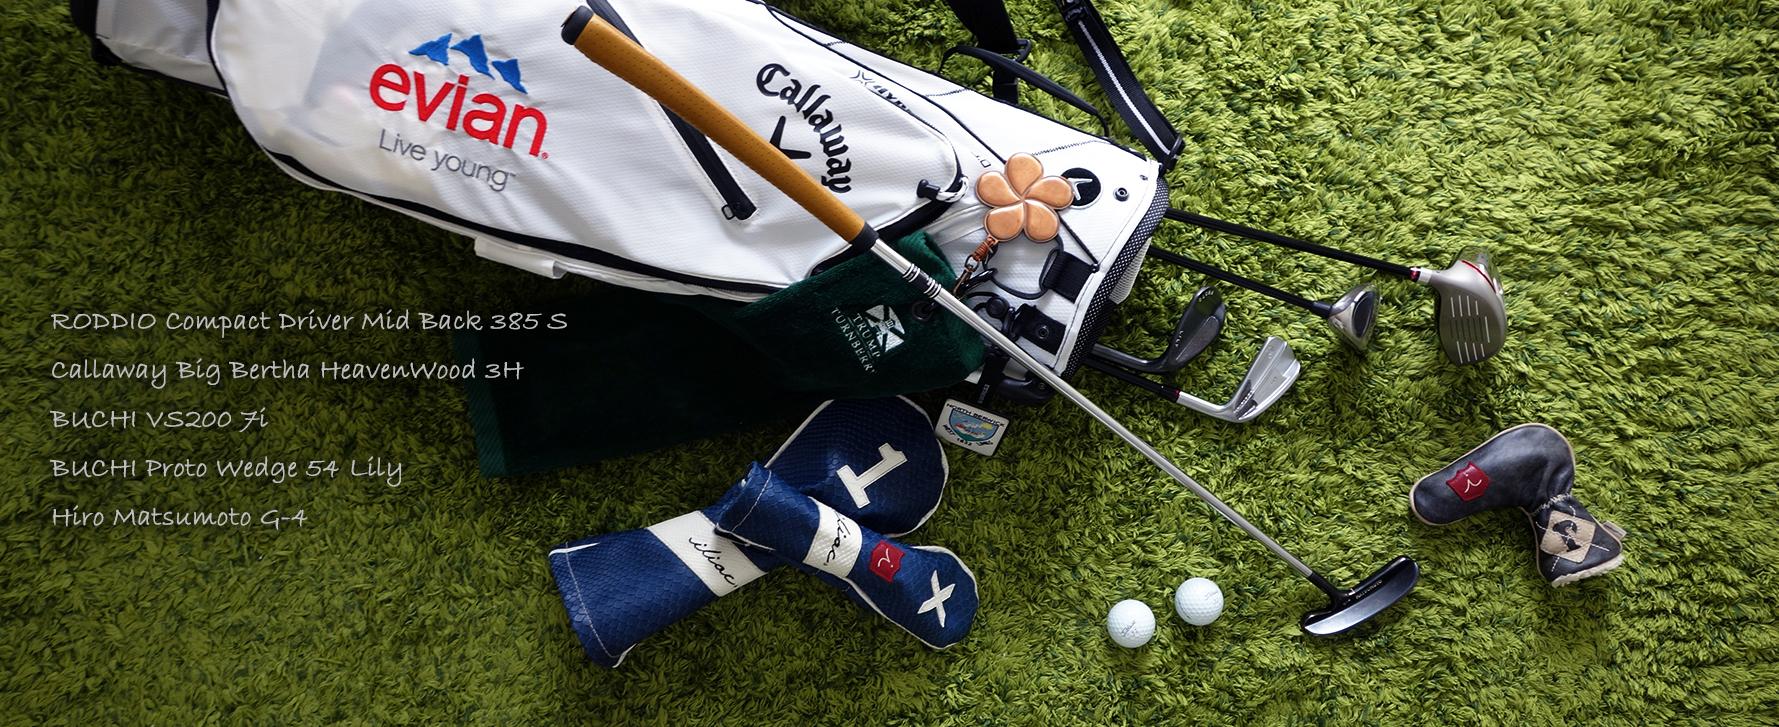 クラブ5本セッティング 5本でゴルフ